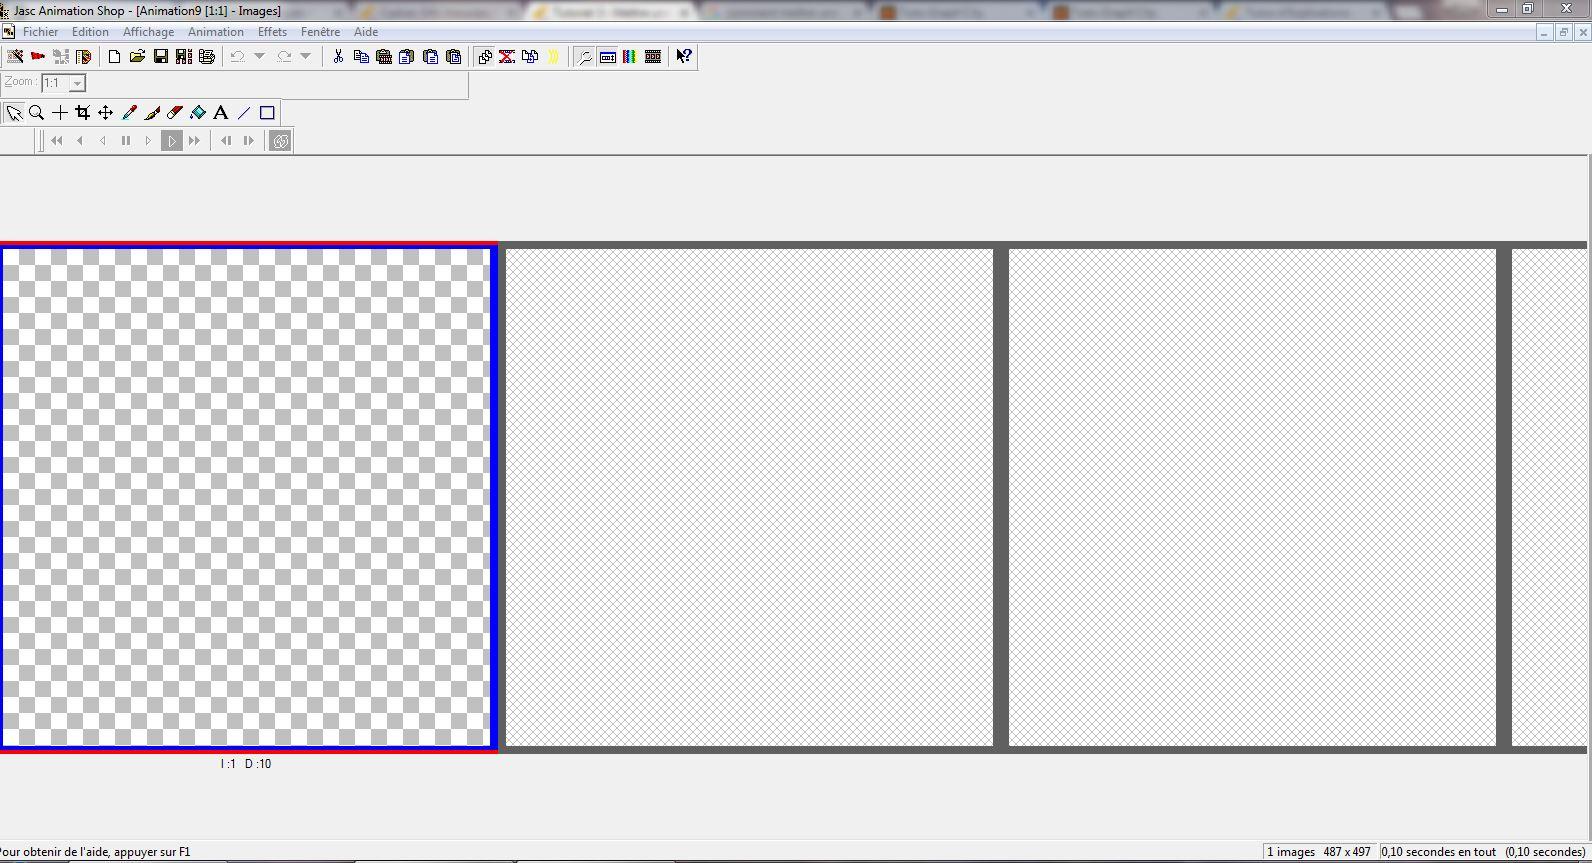 Image Pour Mettre Dans Un Cadre tutoriel 3 : mettre une image dans un cadre animé (gif) - le